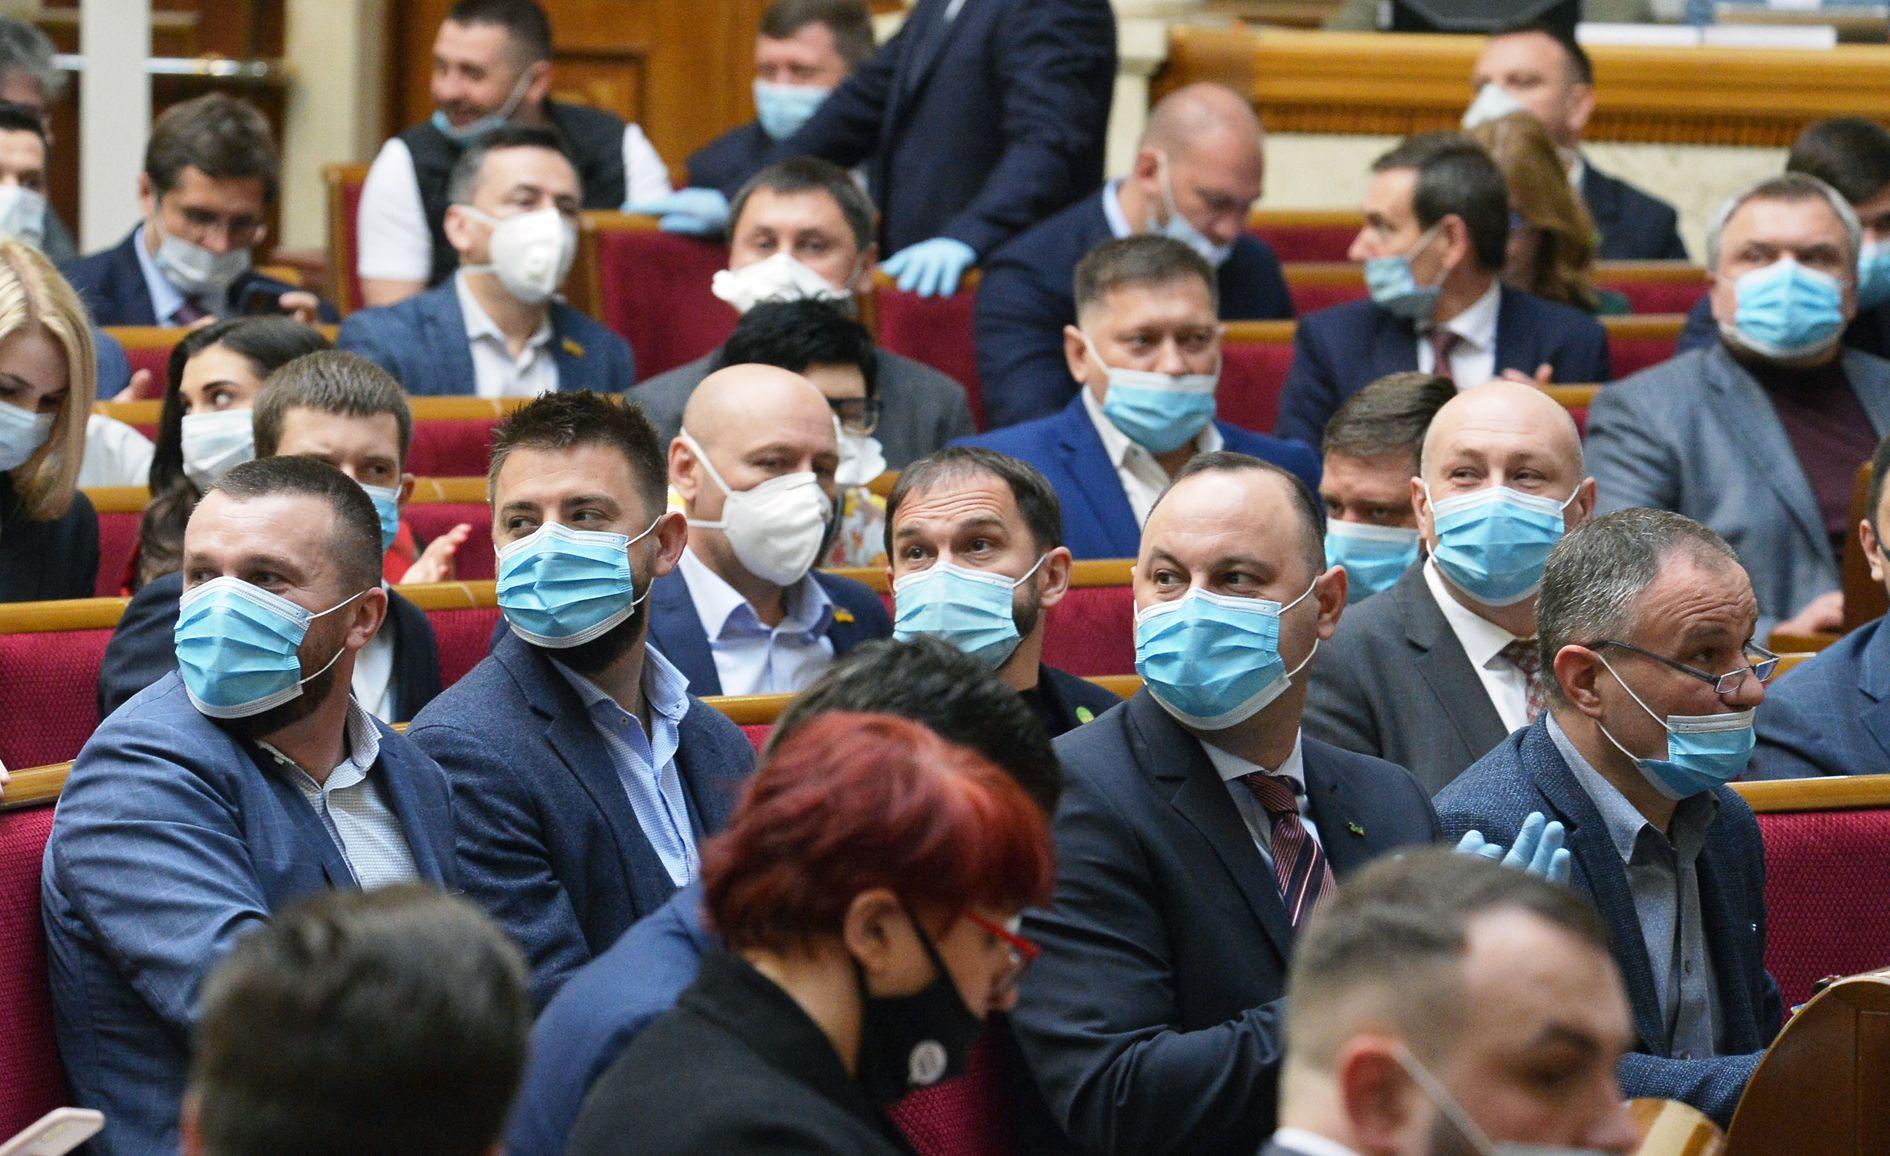 Міжнародна спільнота має реагувати на порушення прав людини в тимчасово окупованому Криму